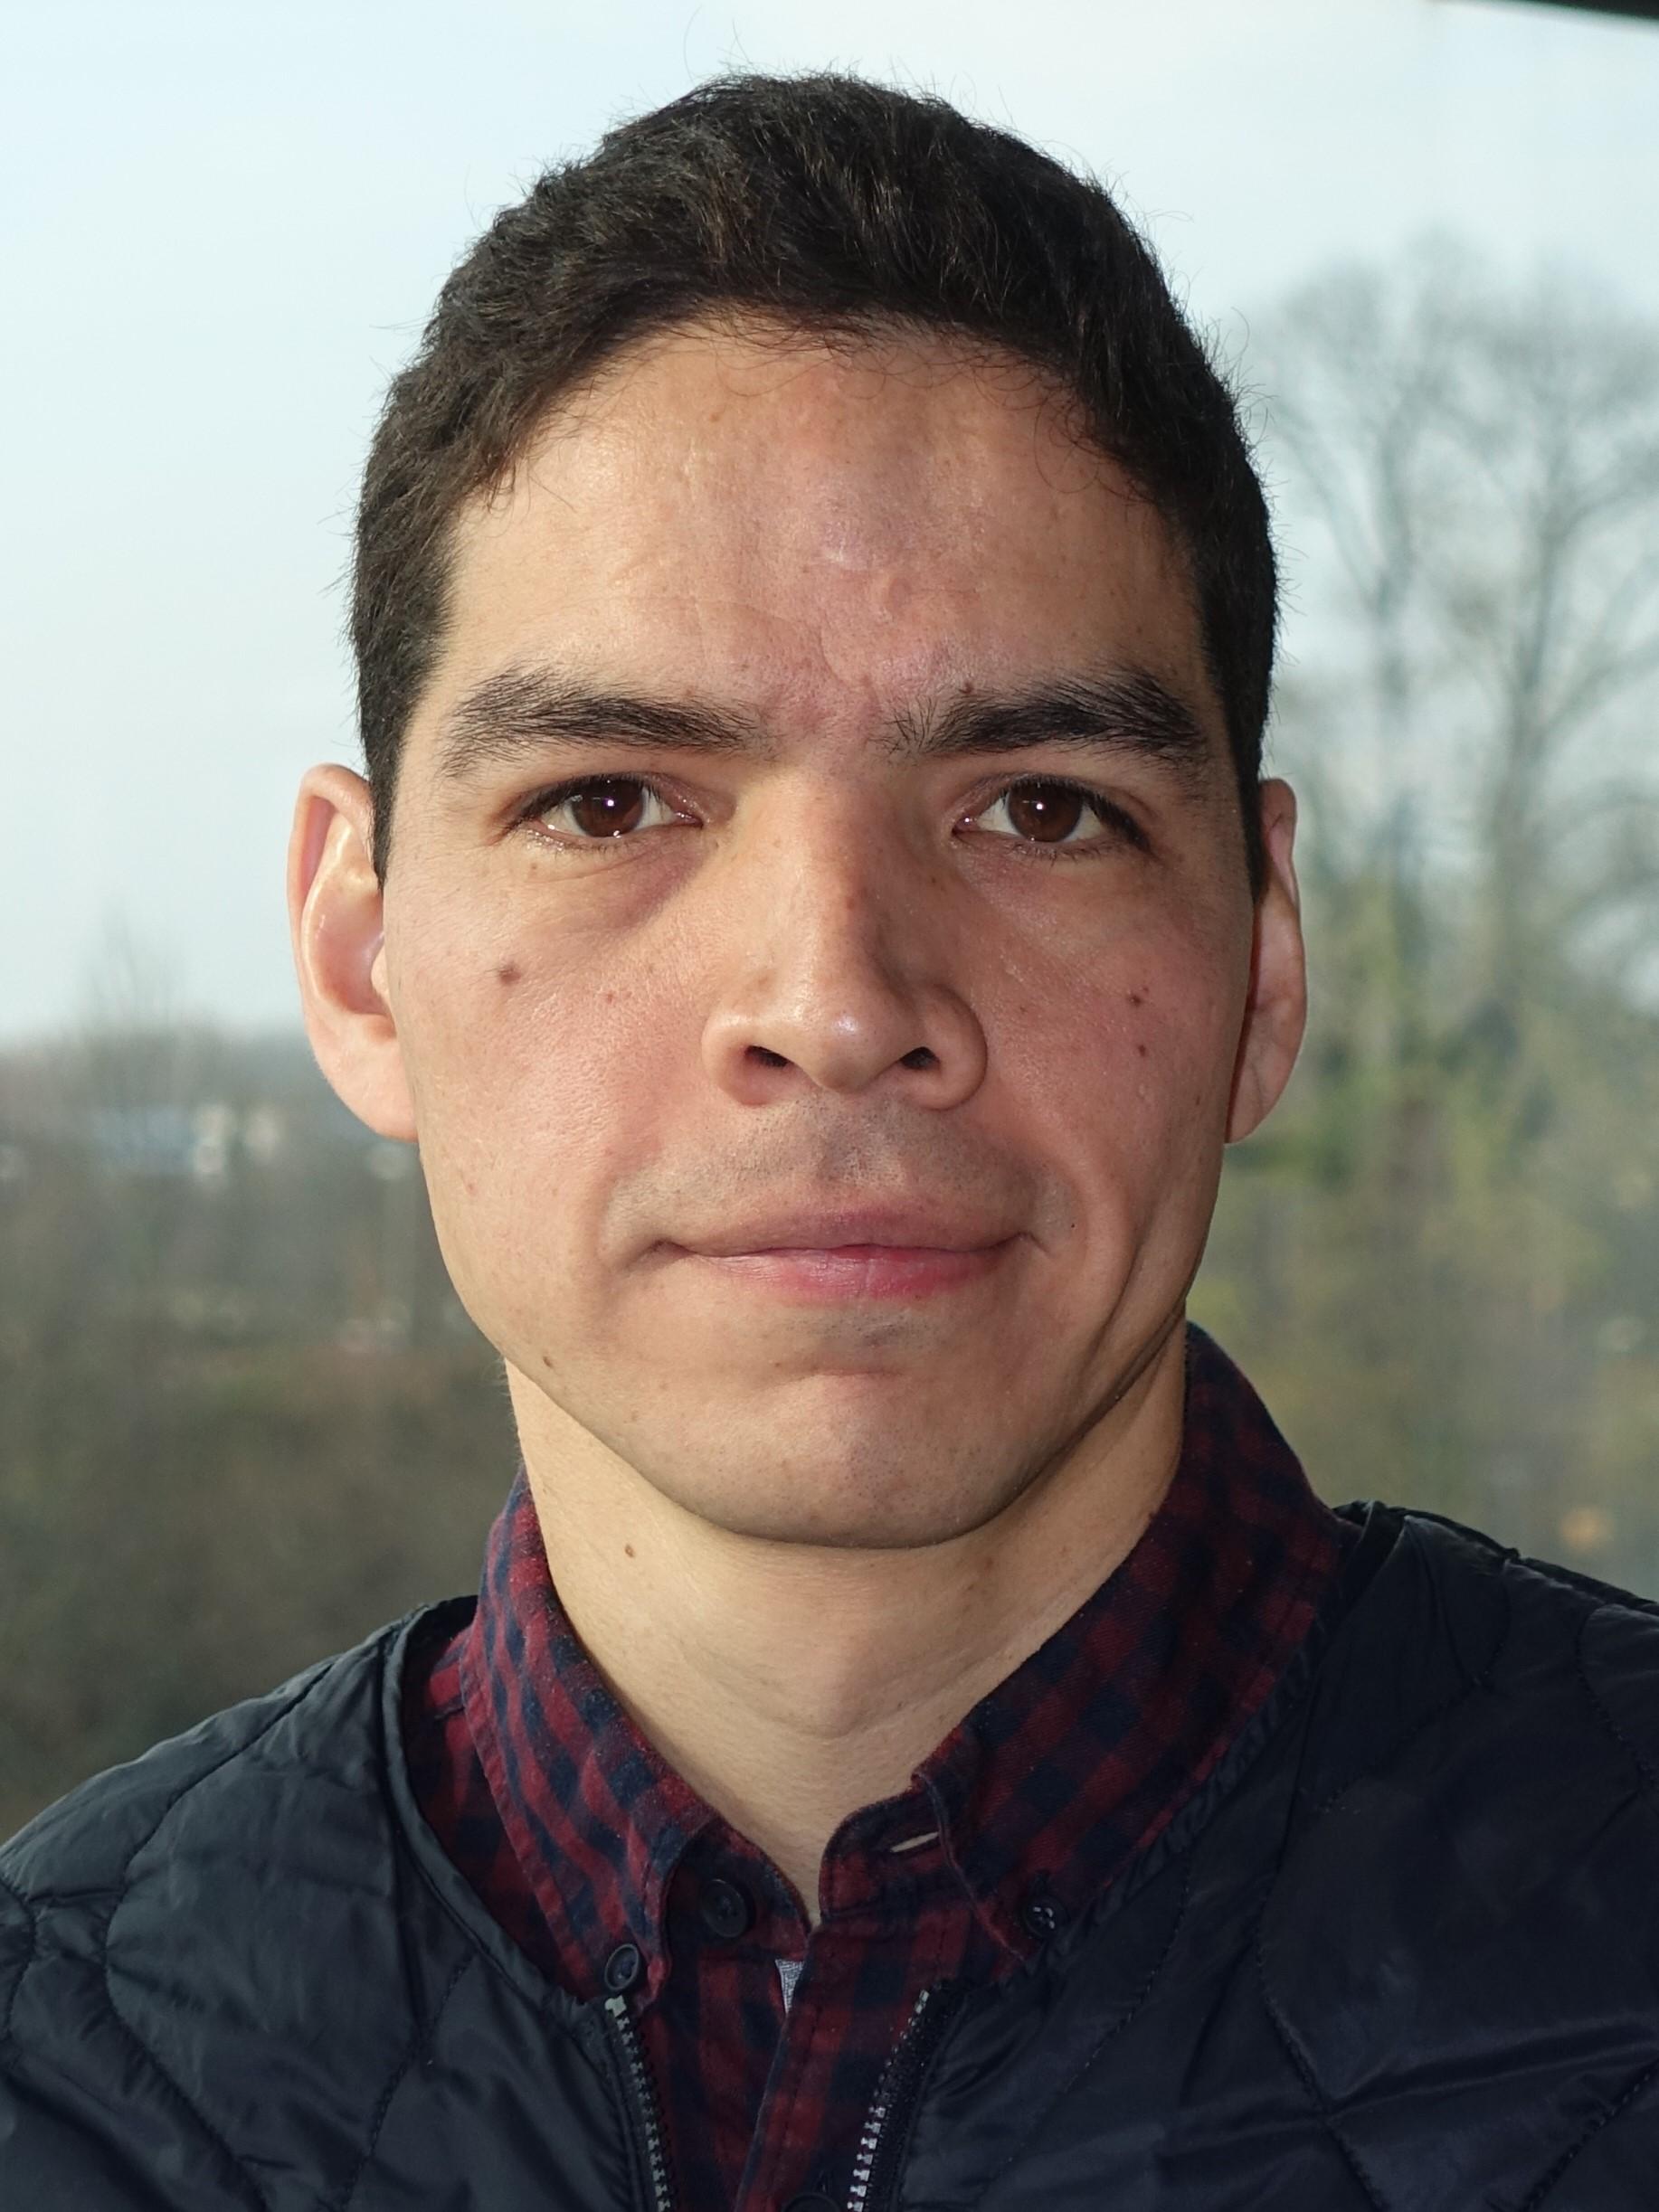 Jose Luis Sandoval Murillo